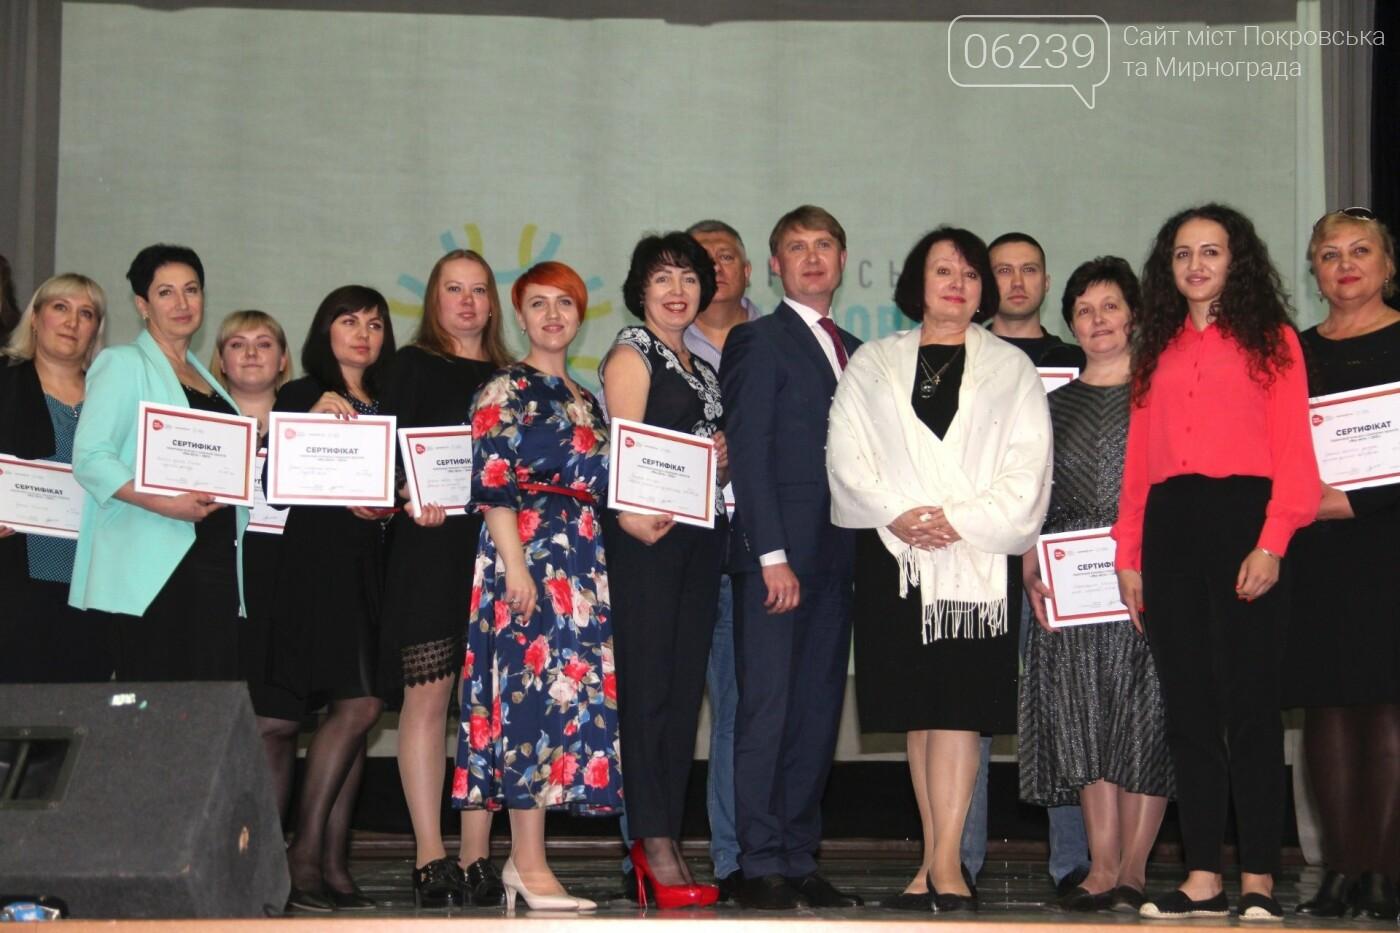 У Покровську визначені переможці конкурсу проєктів «Моє місто» – 2021, фото-1